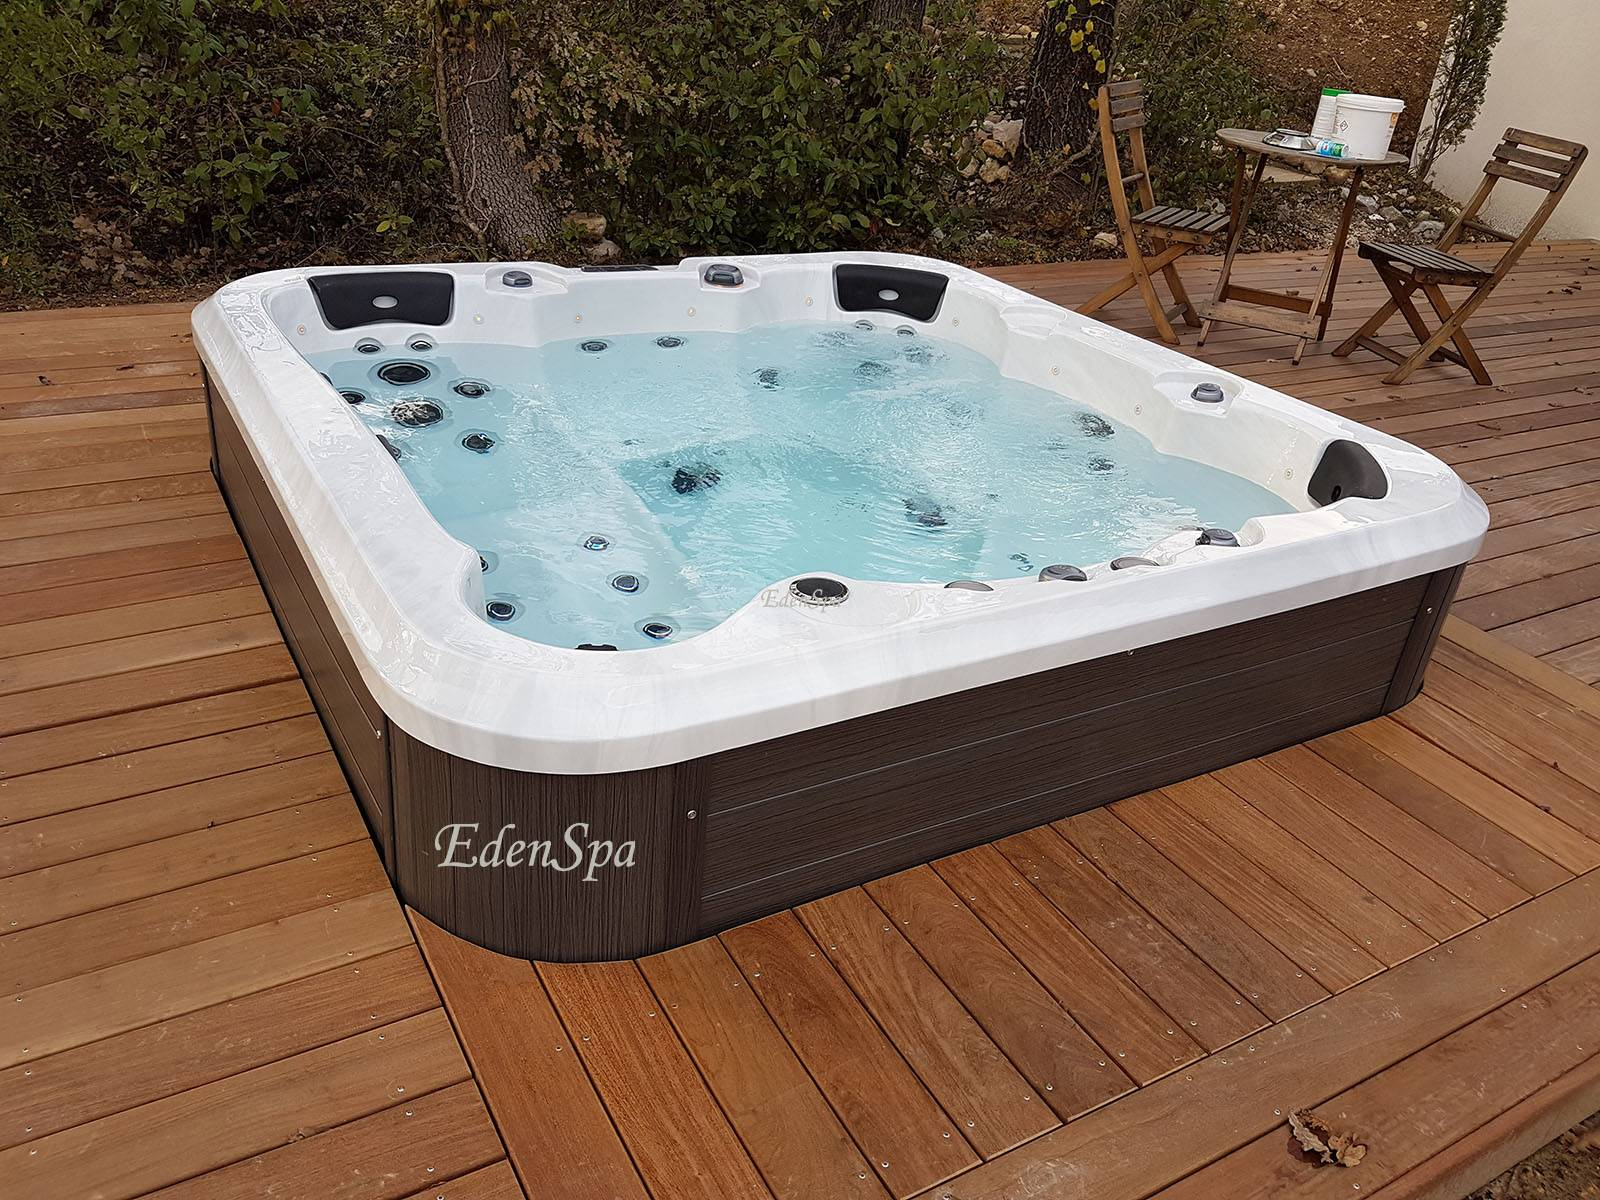 spa 6 places haut de gamme fabriqu au canada edenspa. Black Bedroom Furniture Sets. Home Design Ideas